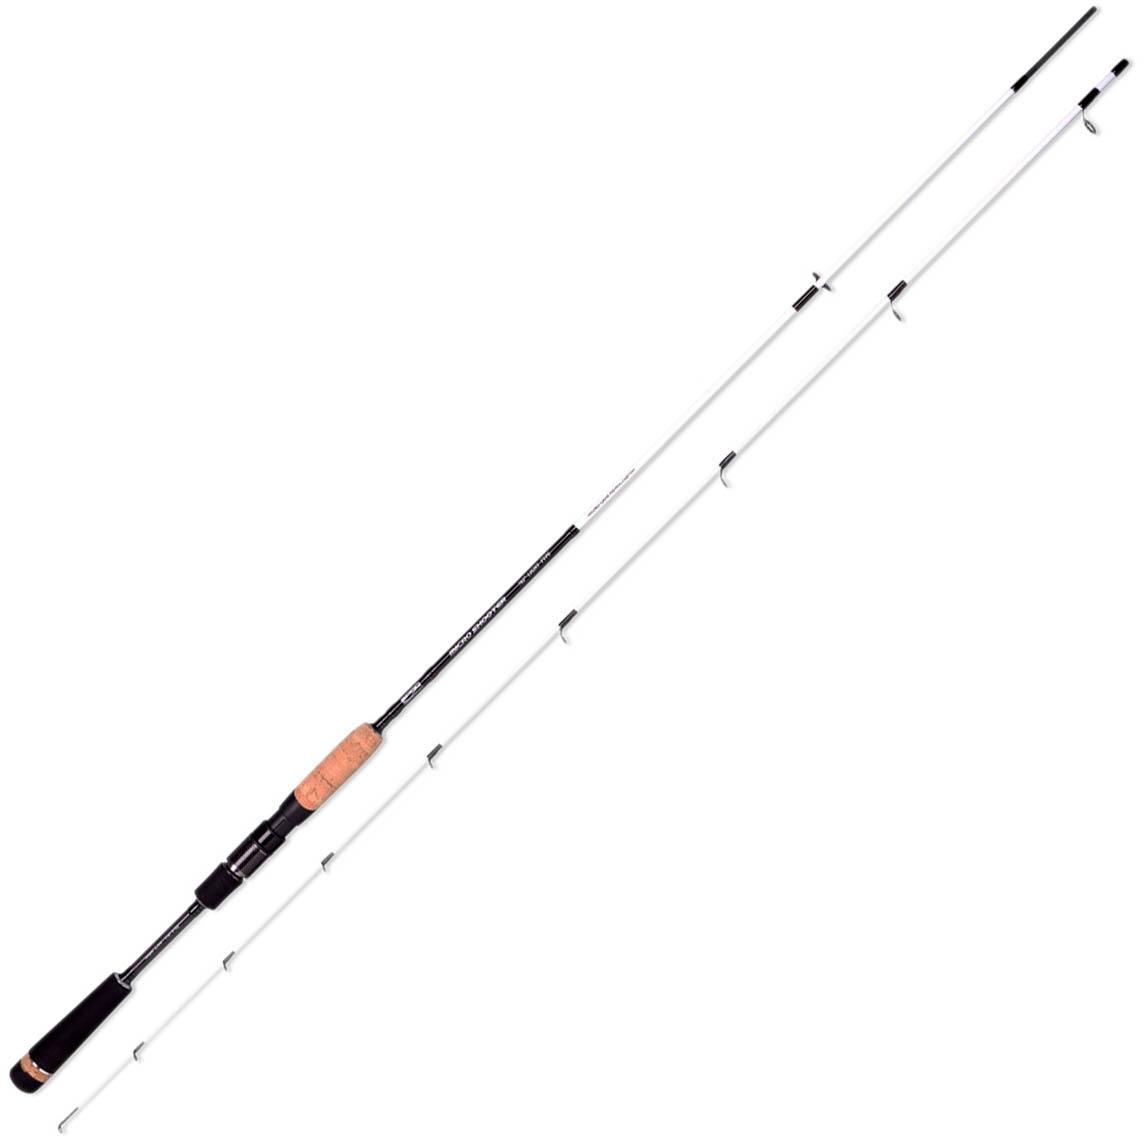 Спиннинг SPRO MICRO SHOOTER 76ML 2,3 м (7-18 г.), Спиннинги - арт. 210790336